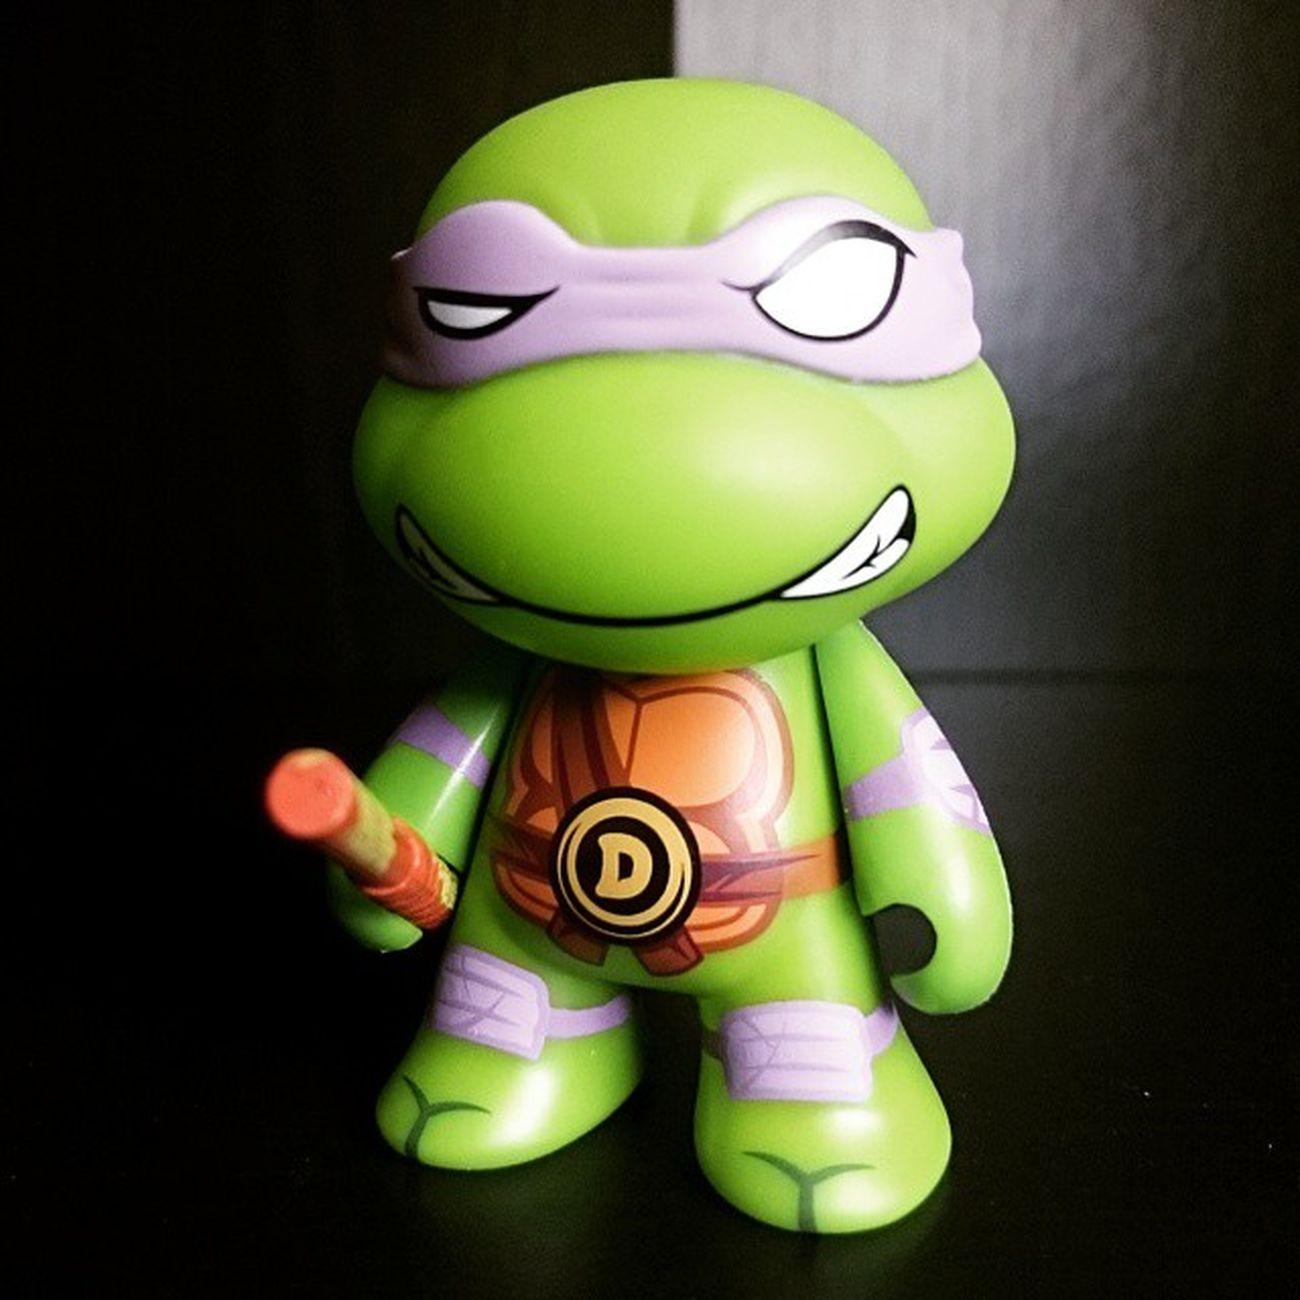 Tmnt Teenagemutantninjaturtles Donatello Kidrobot